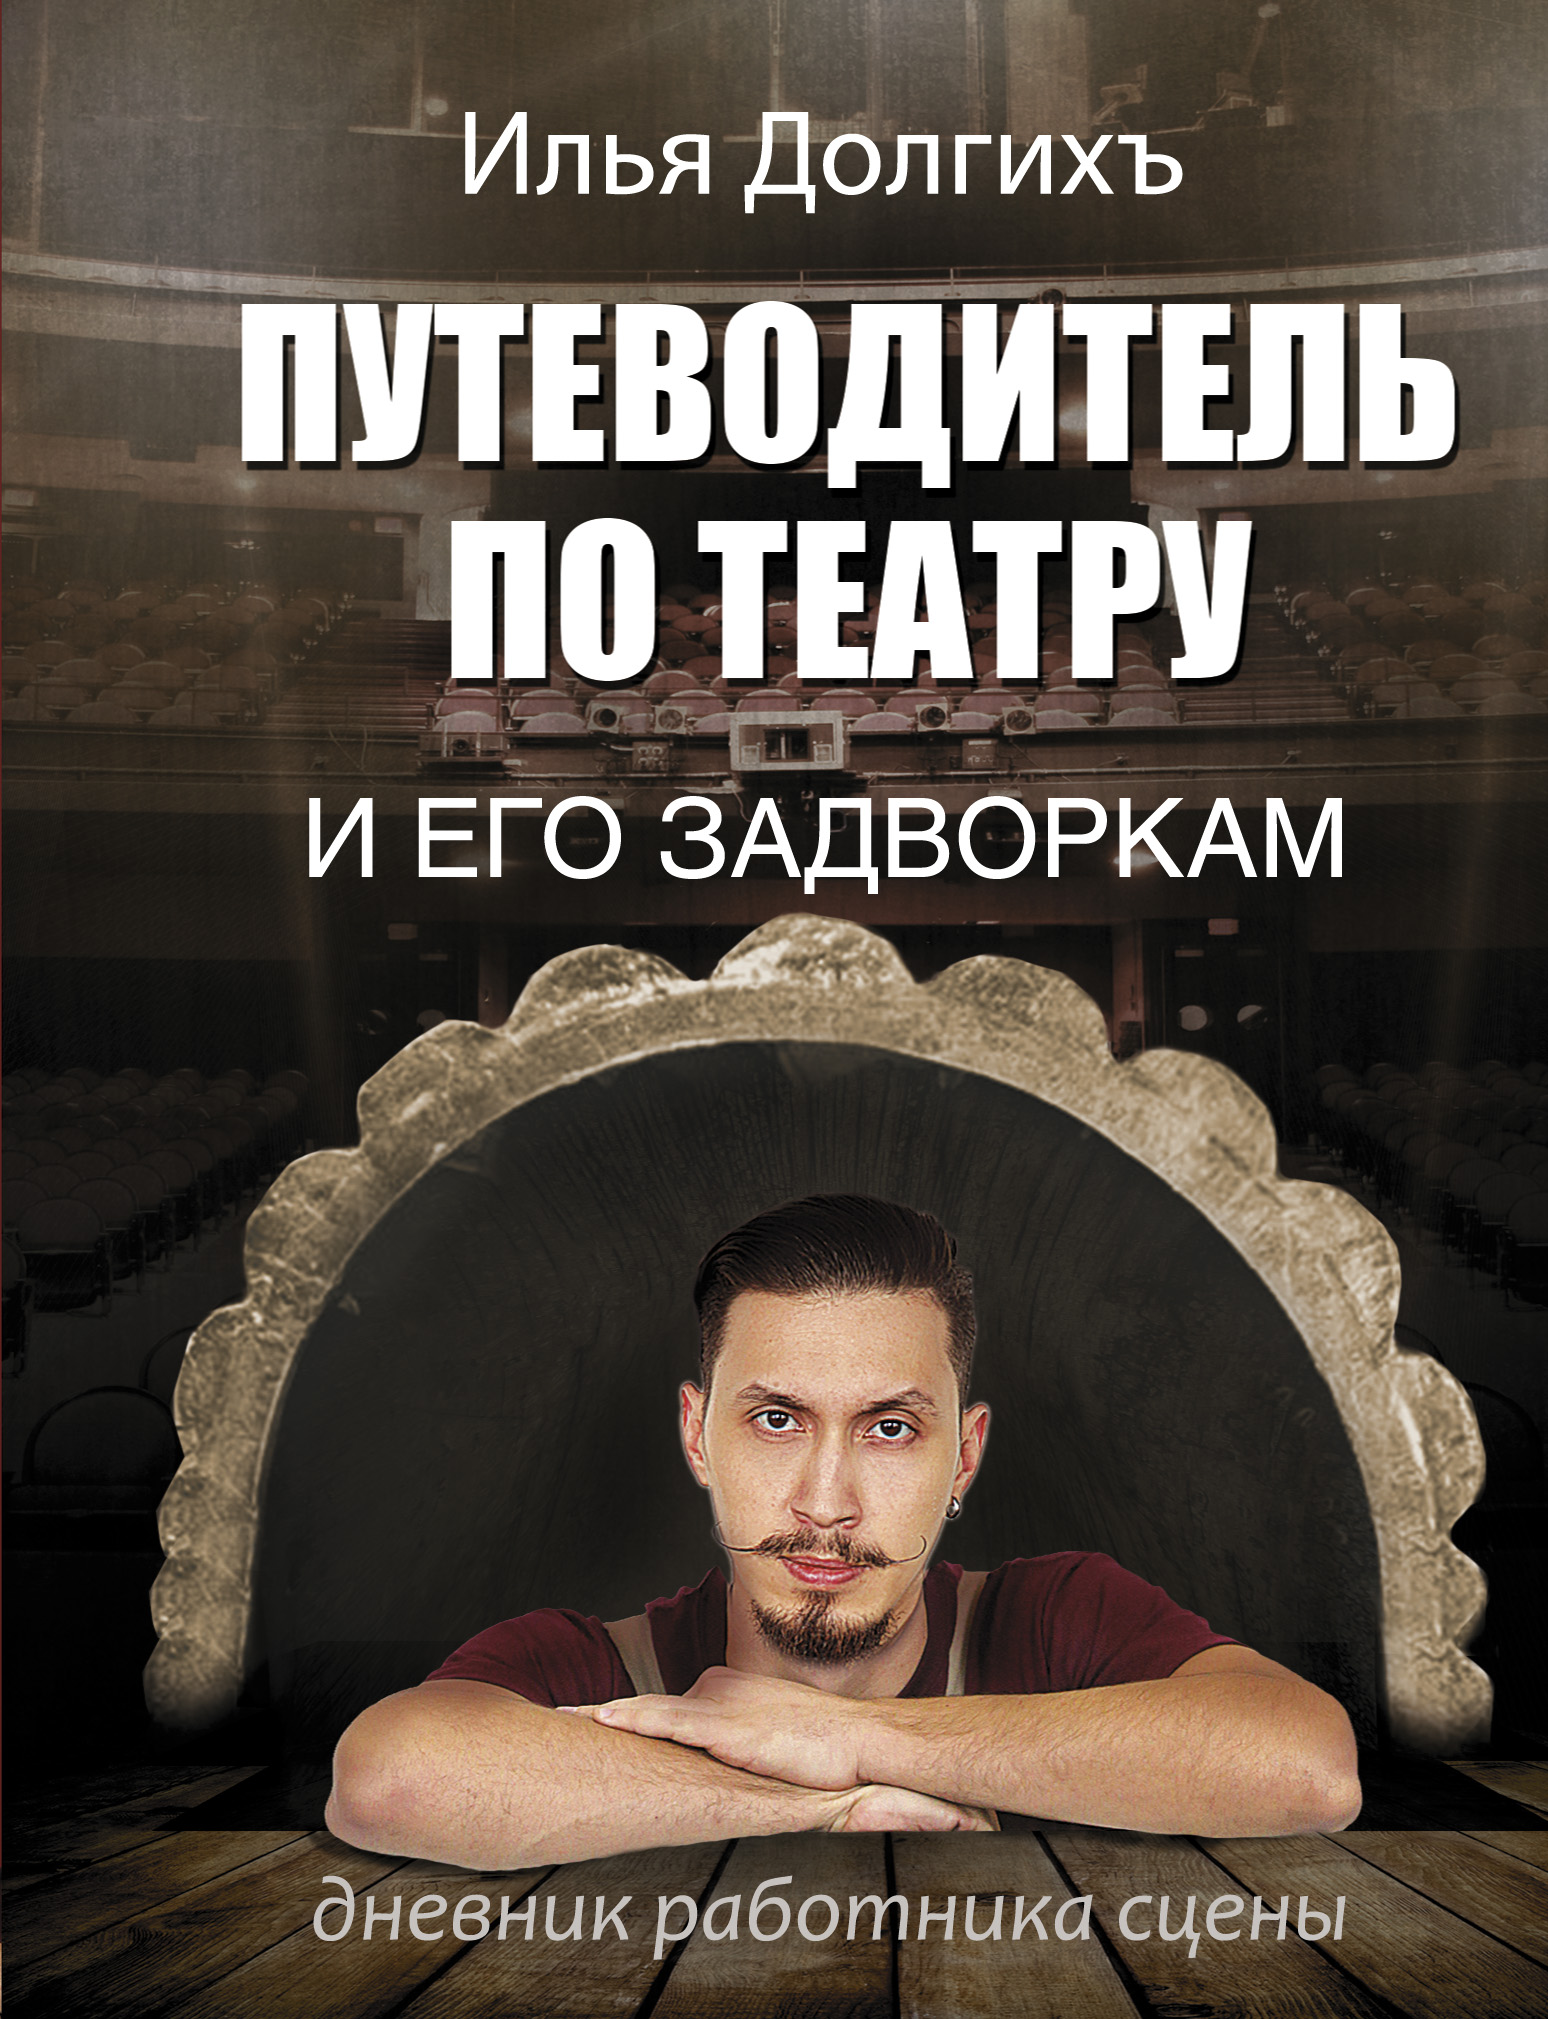 Путеводитель по театру и его задворкам